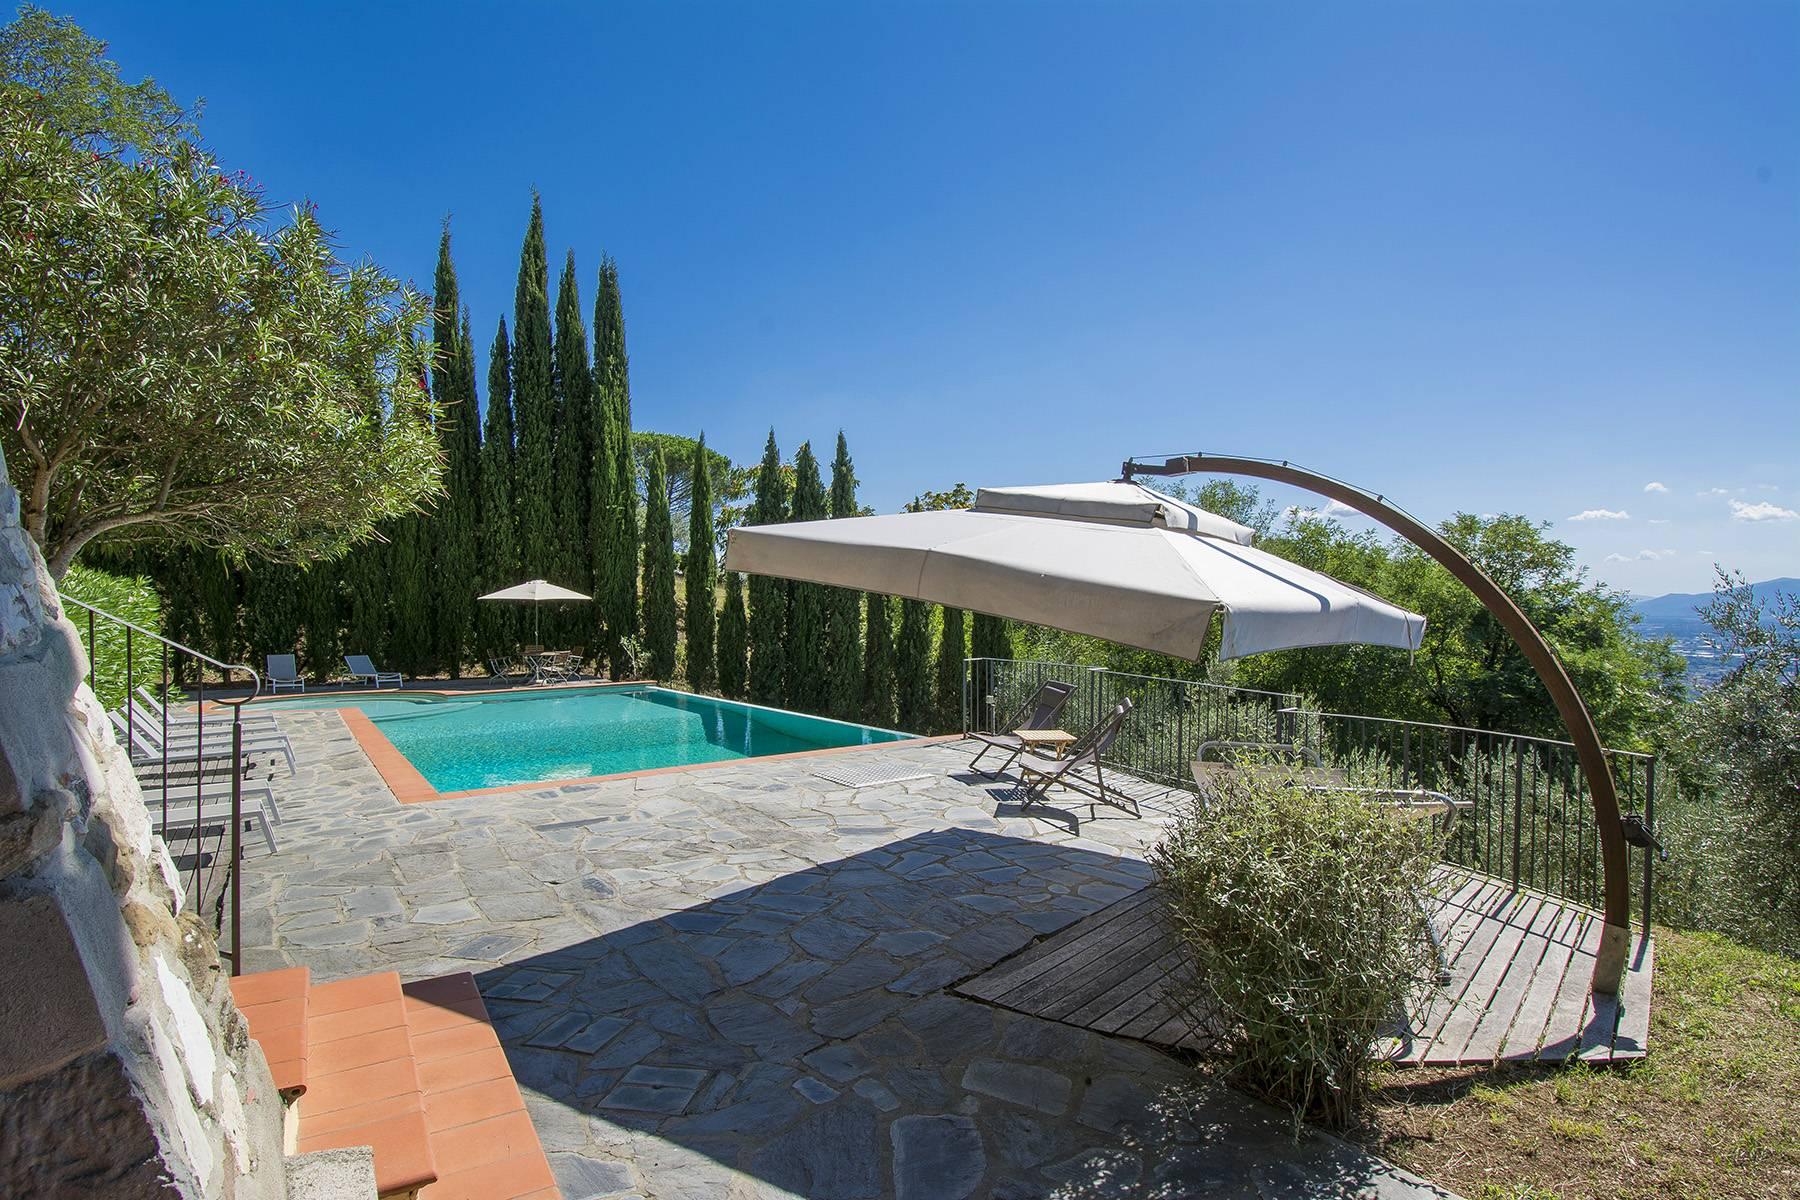 Villa in Vendita a Montecatini-Terme: 5 locali, 250 mq - Foto 15